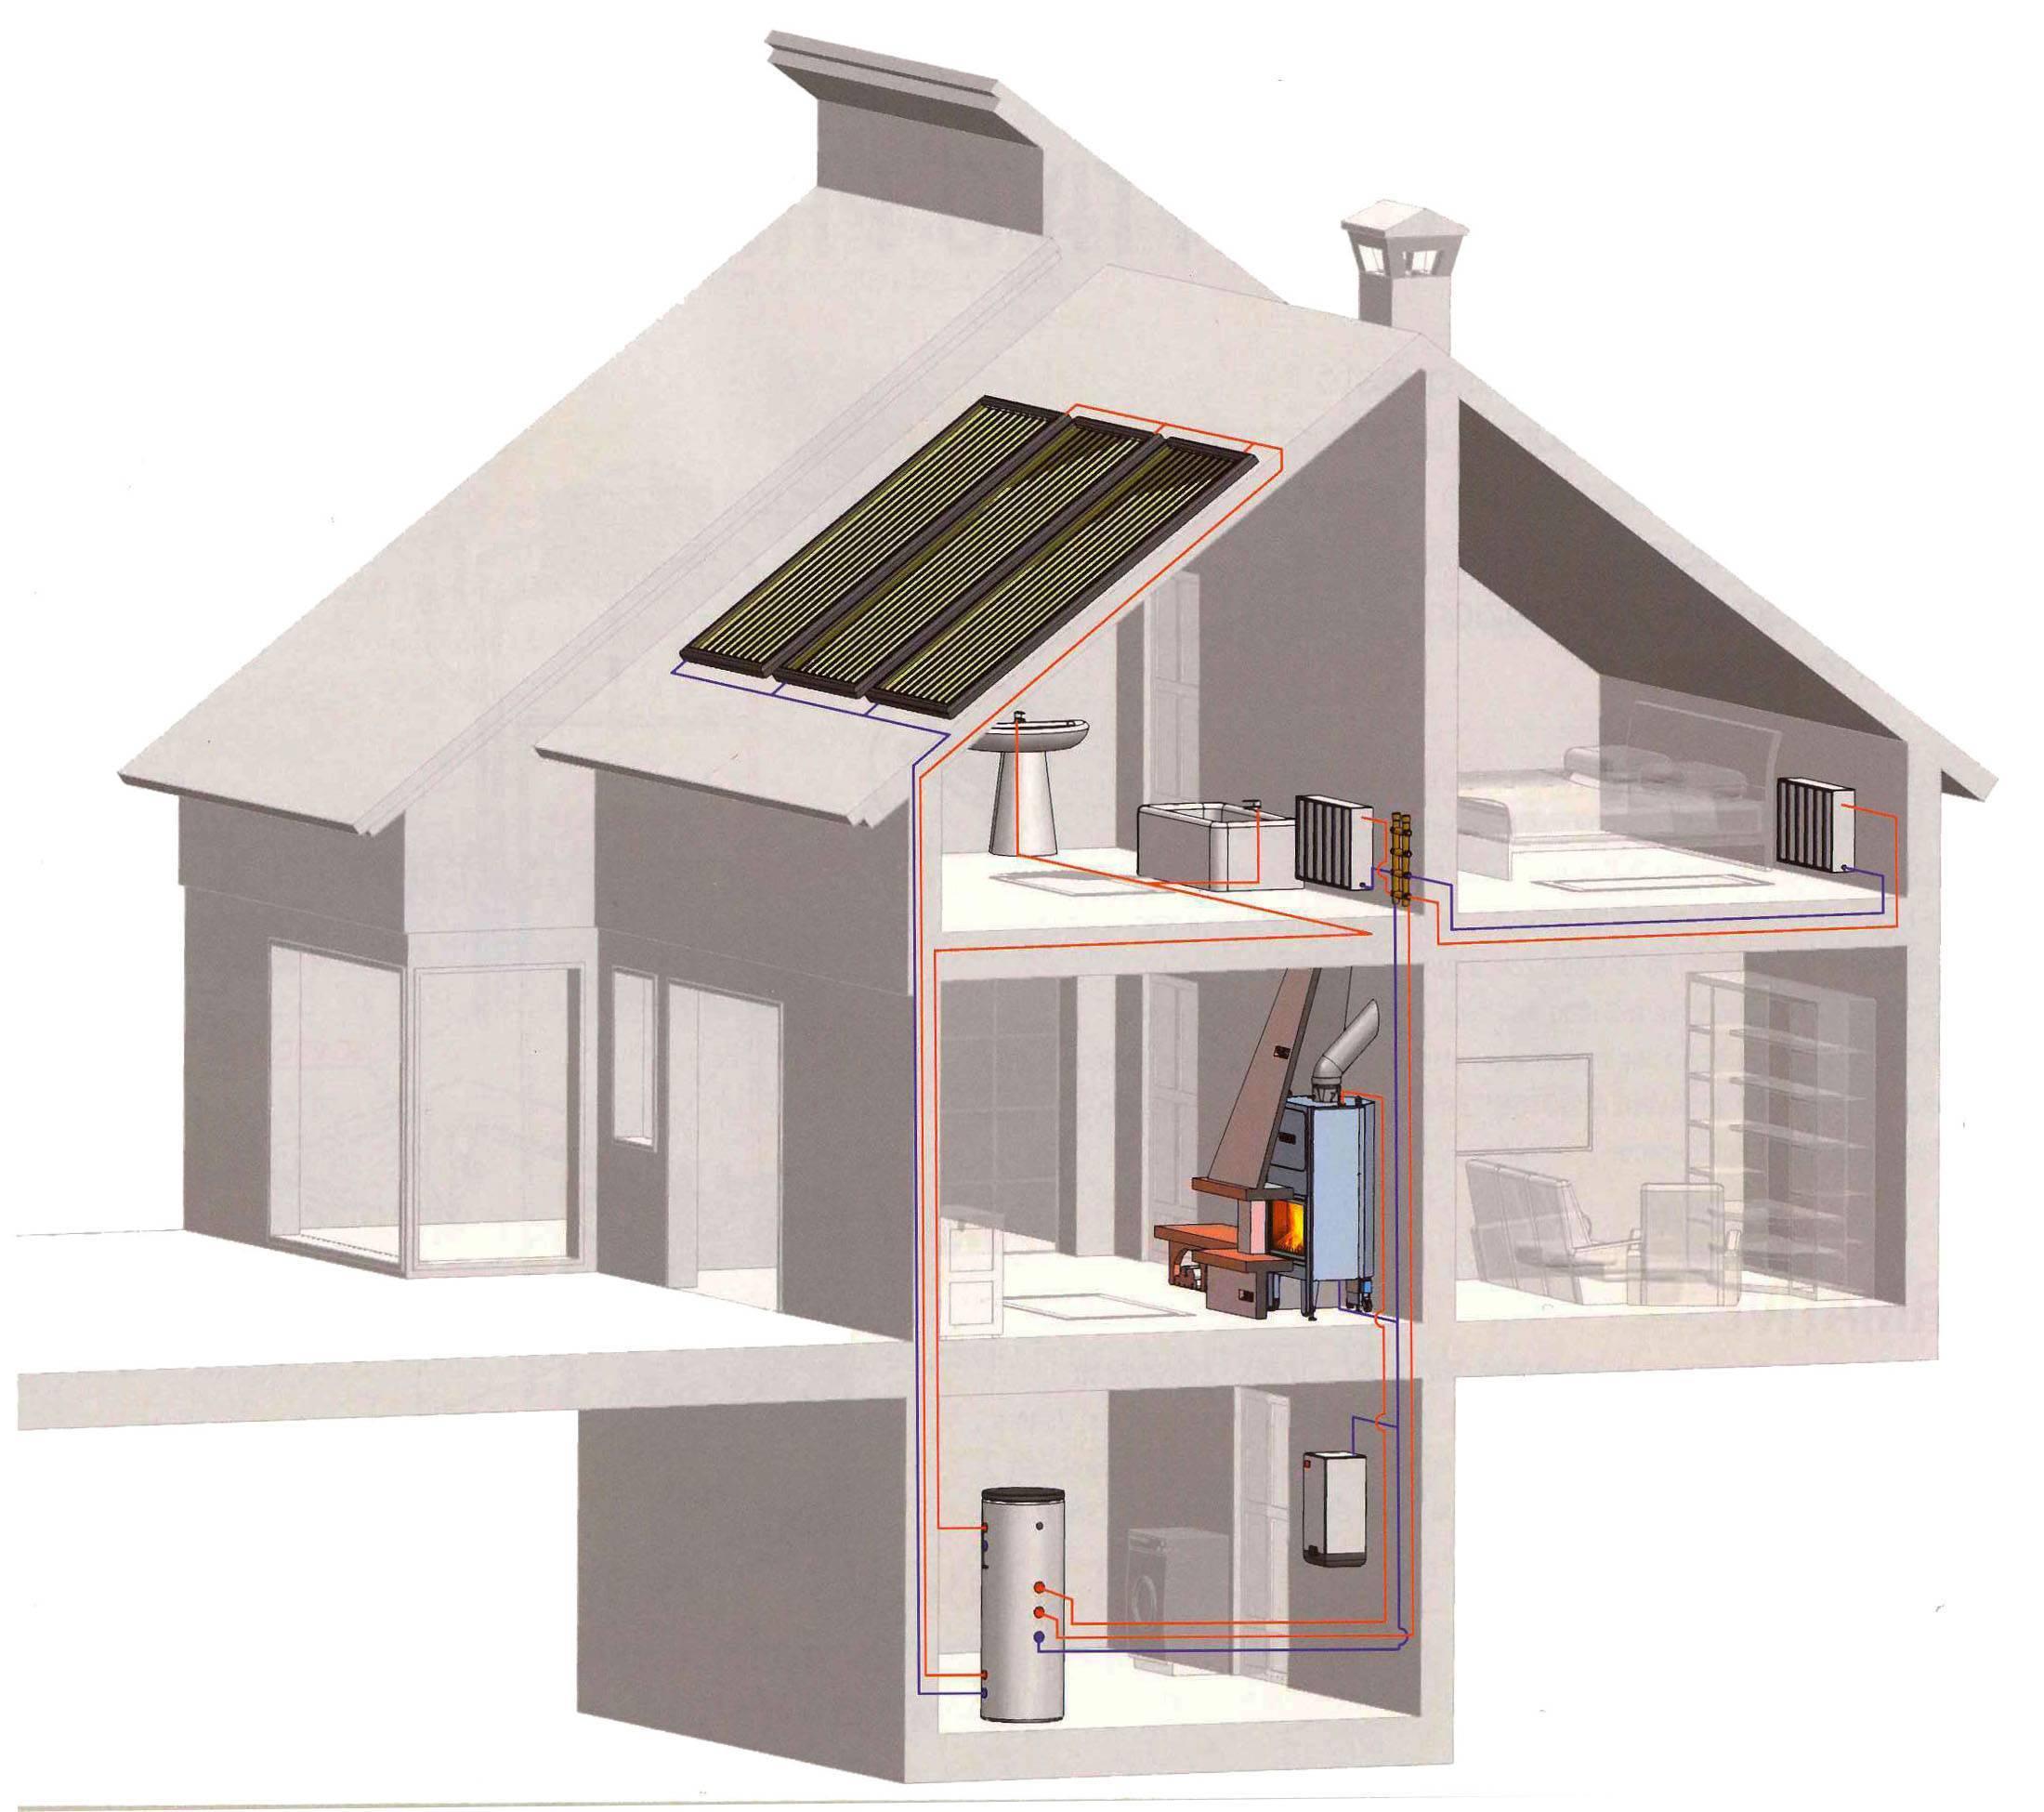 Воздушное отопление частного дома: принципы работы, преимущества и недостатки, установка системы обогрева воздухом